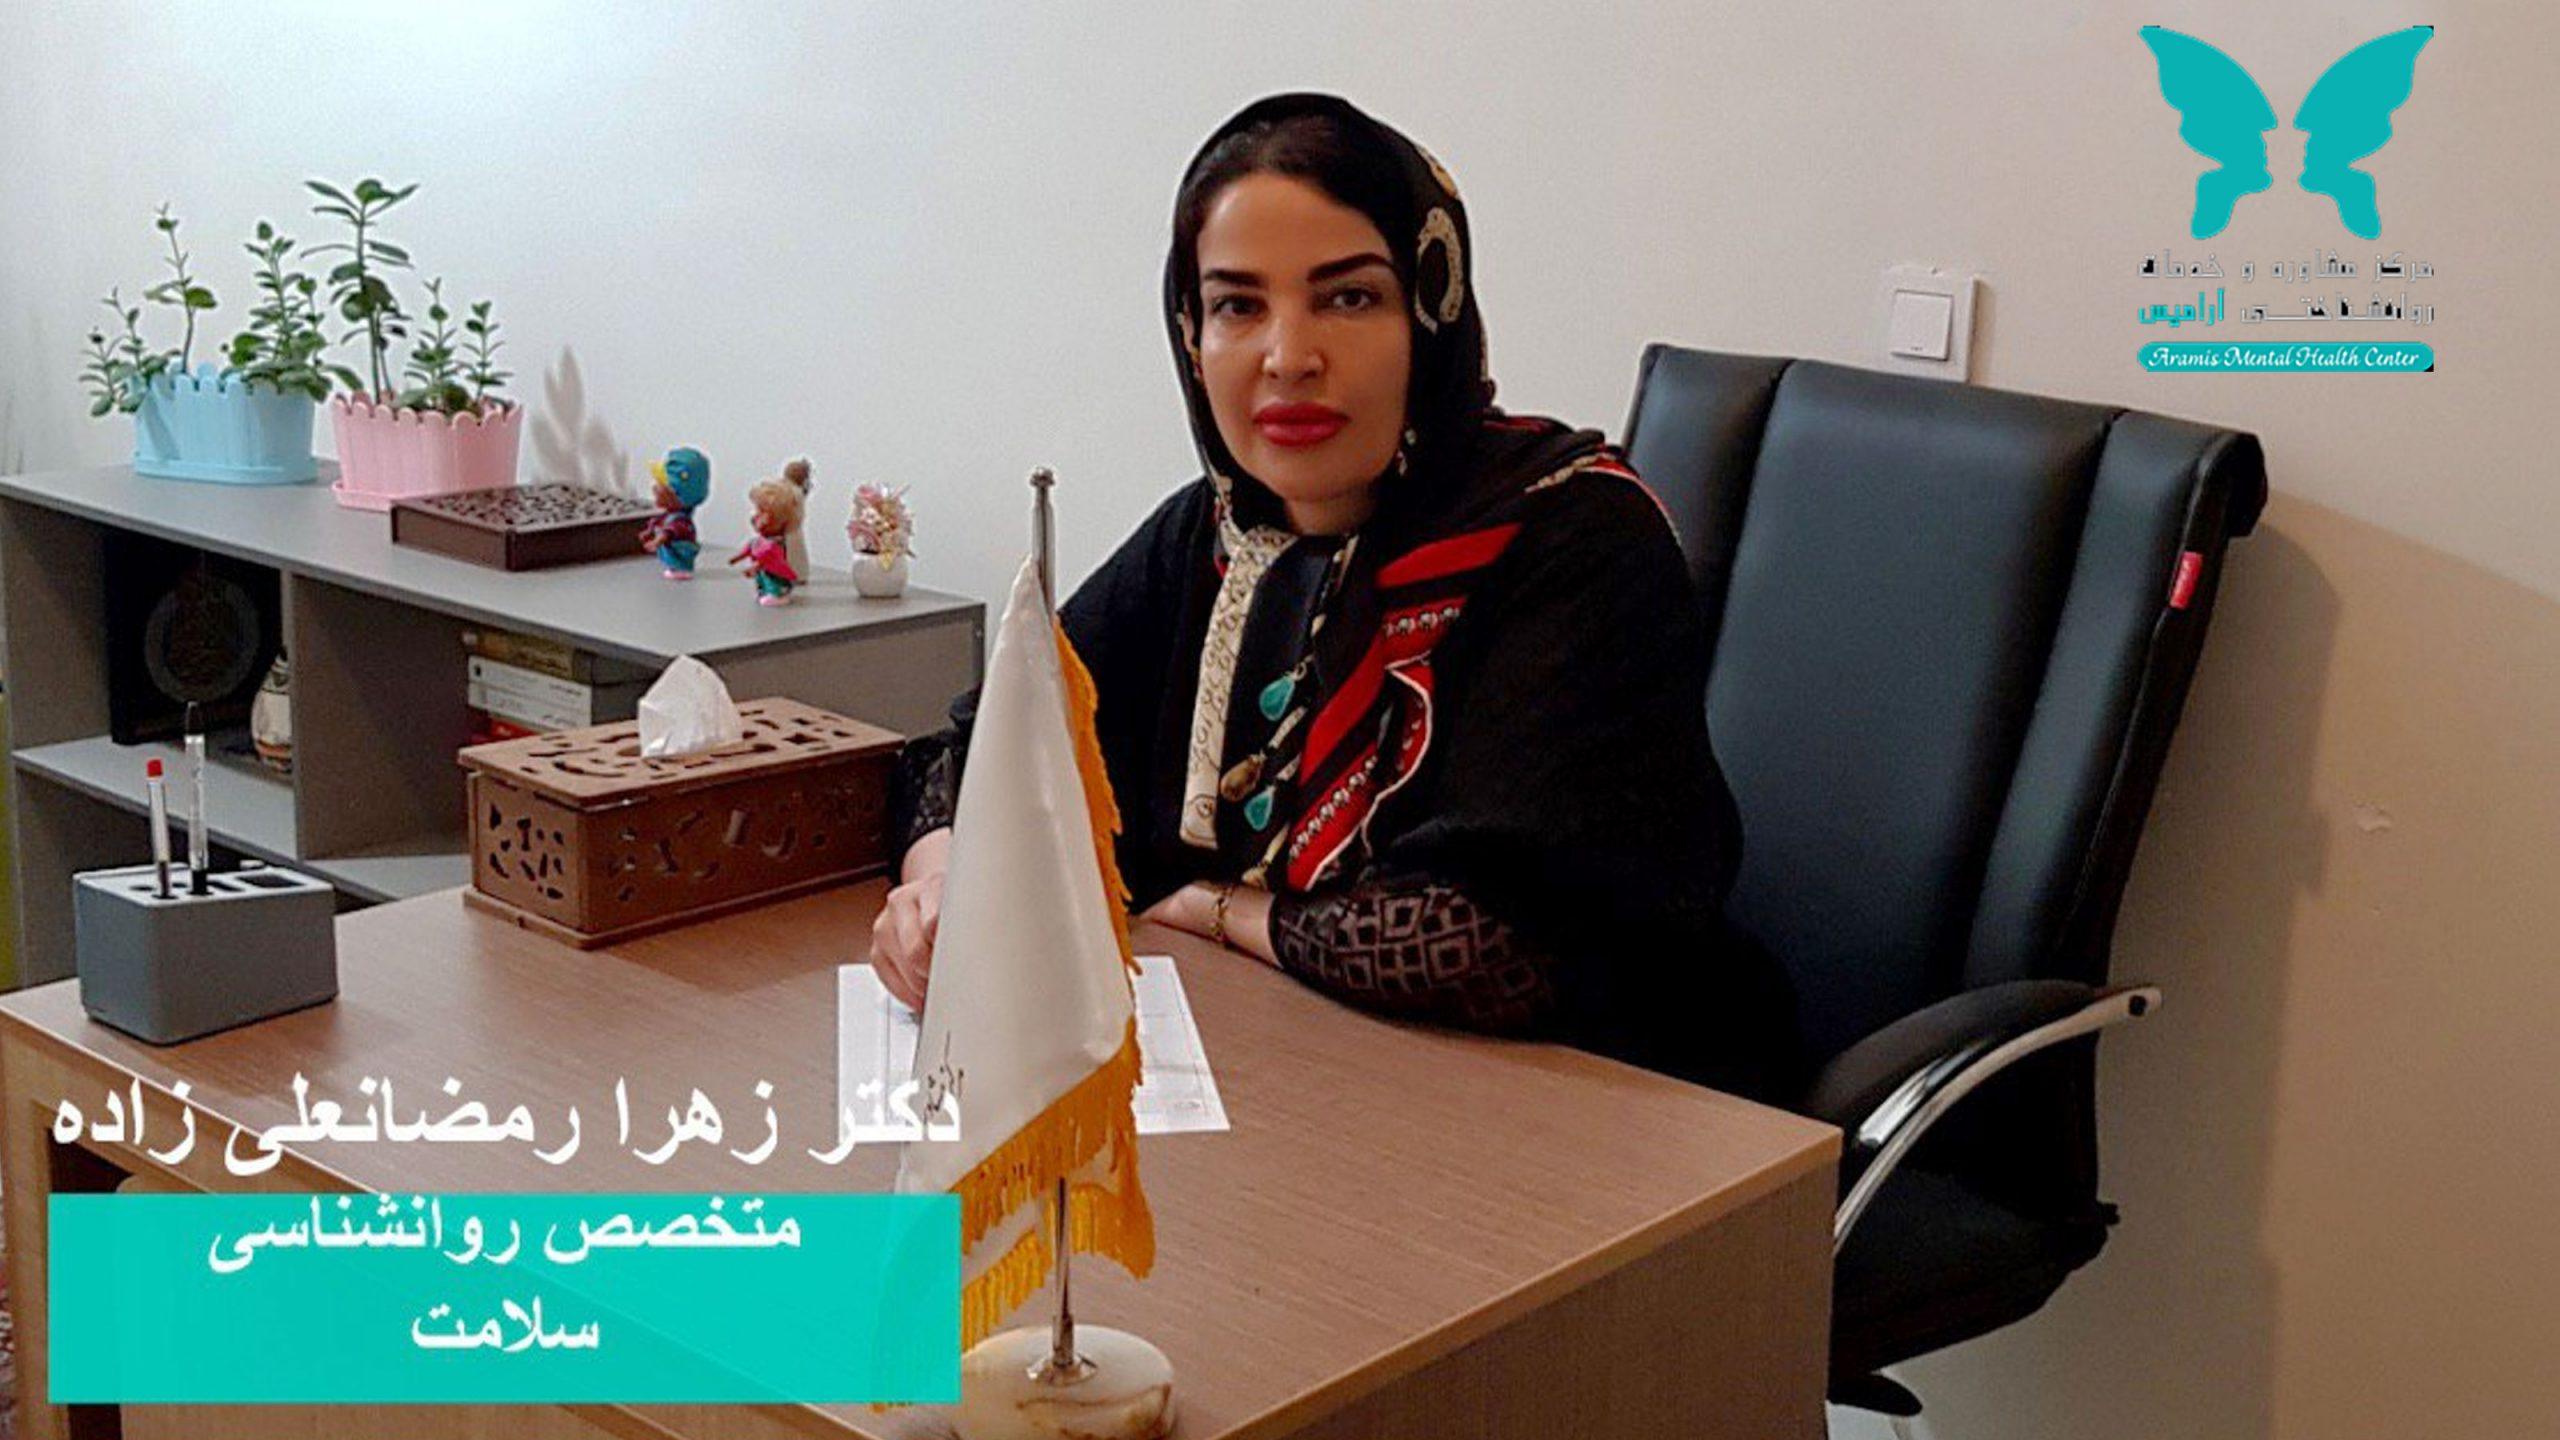 دکتر زهرا رمضانعلی زاده